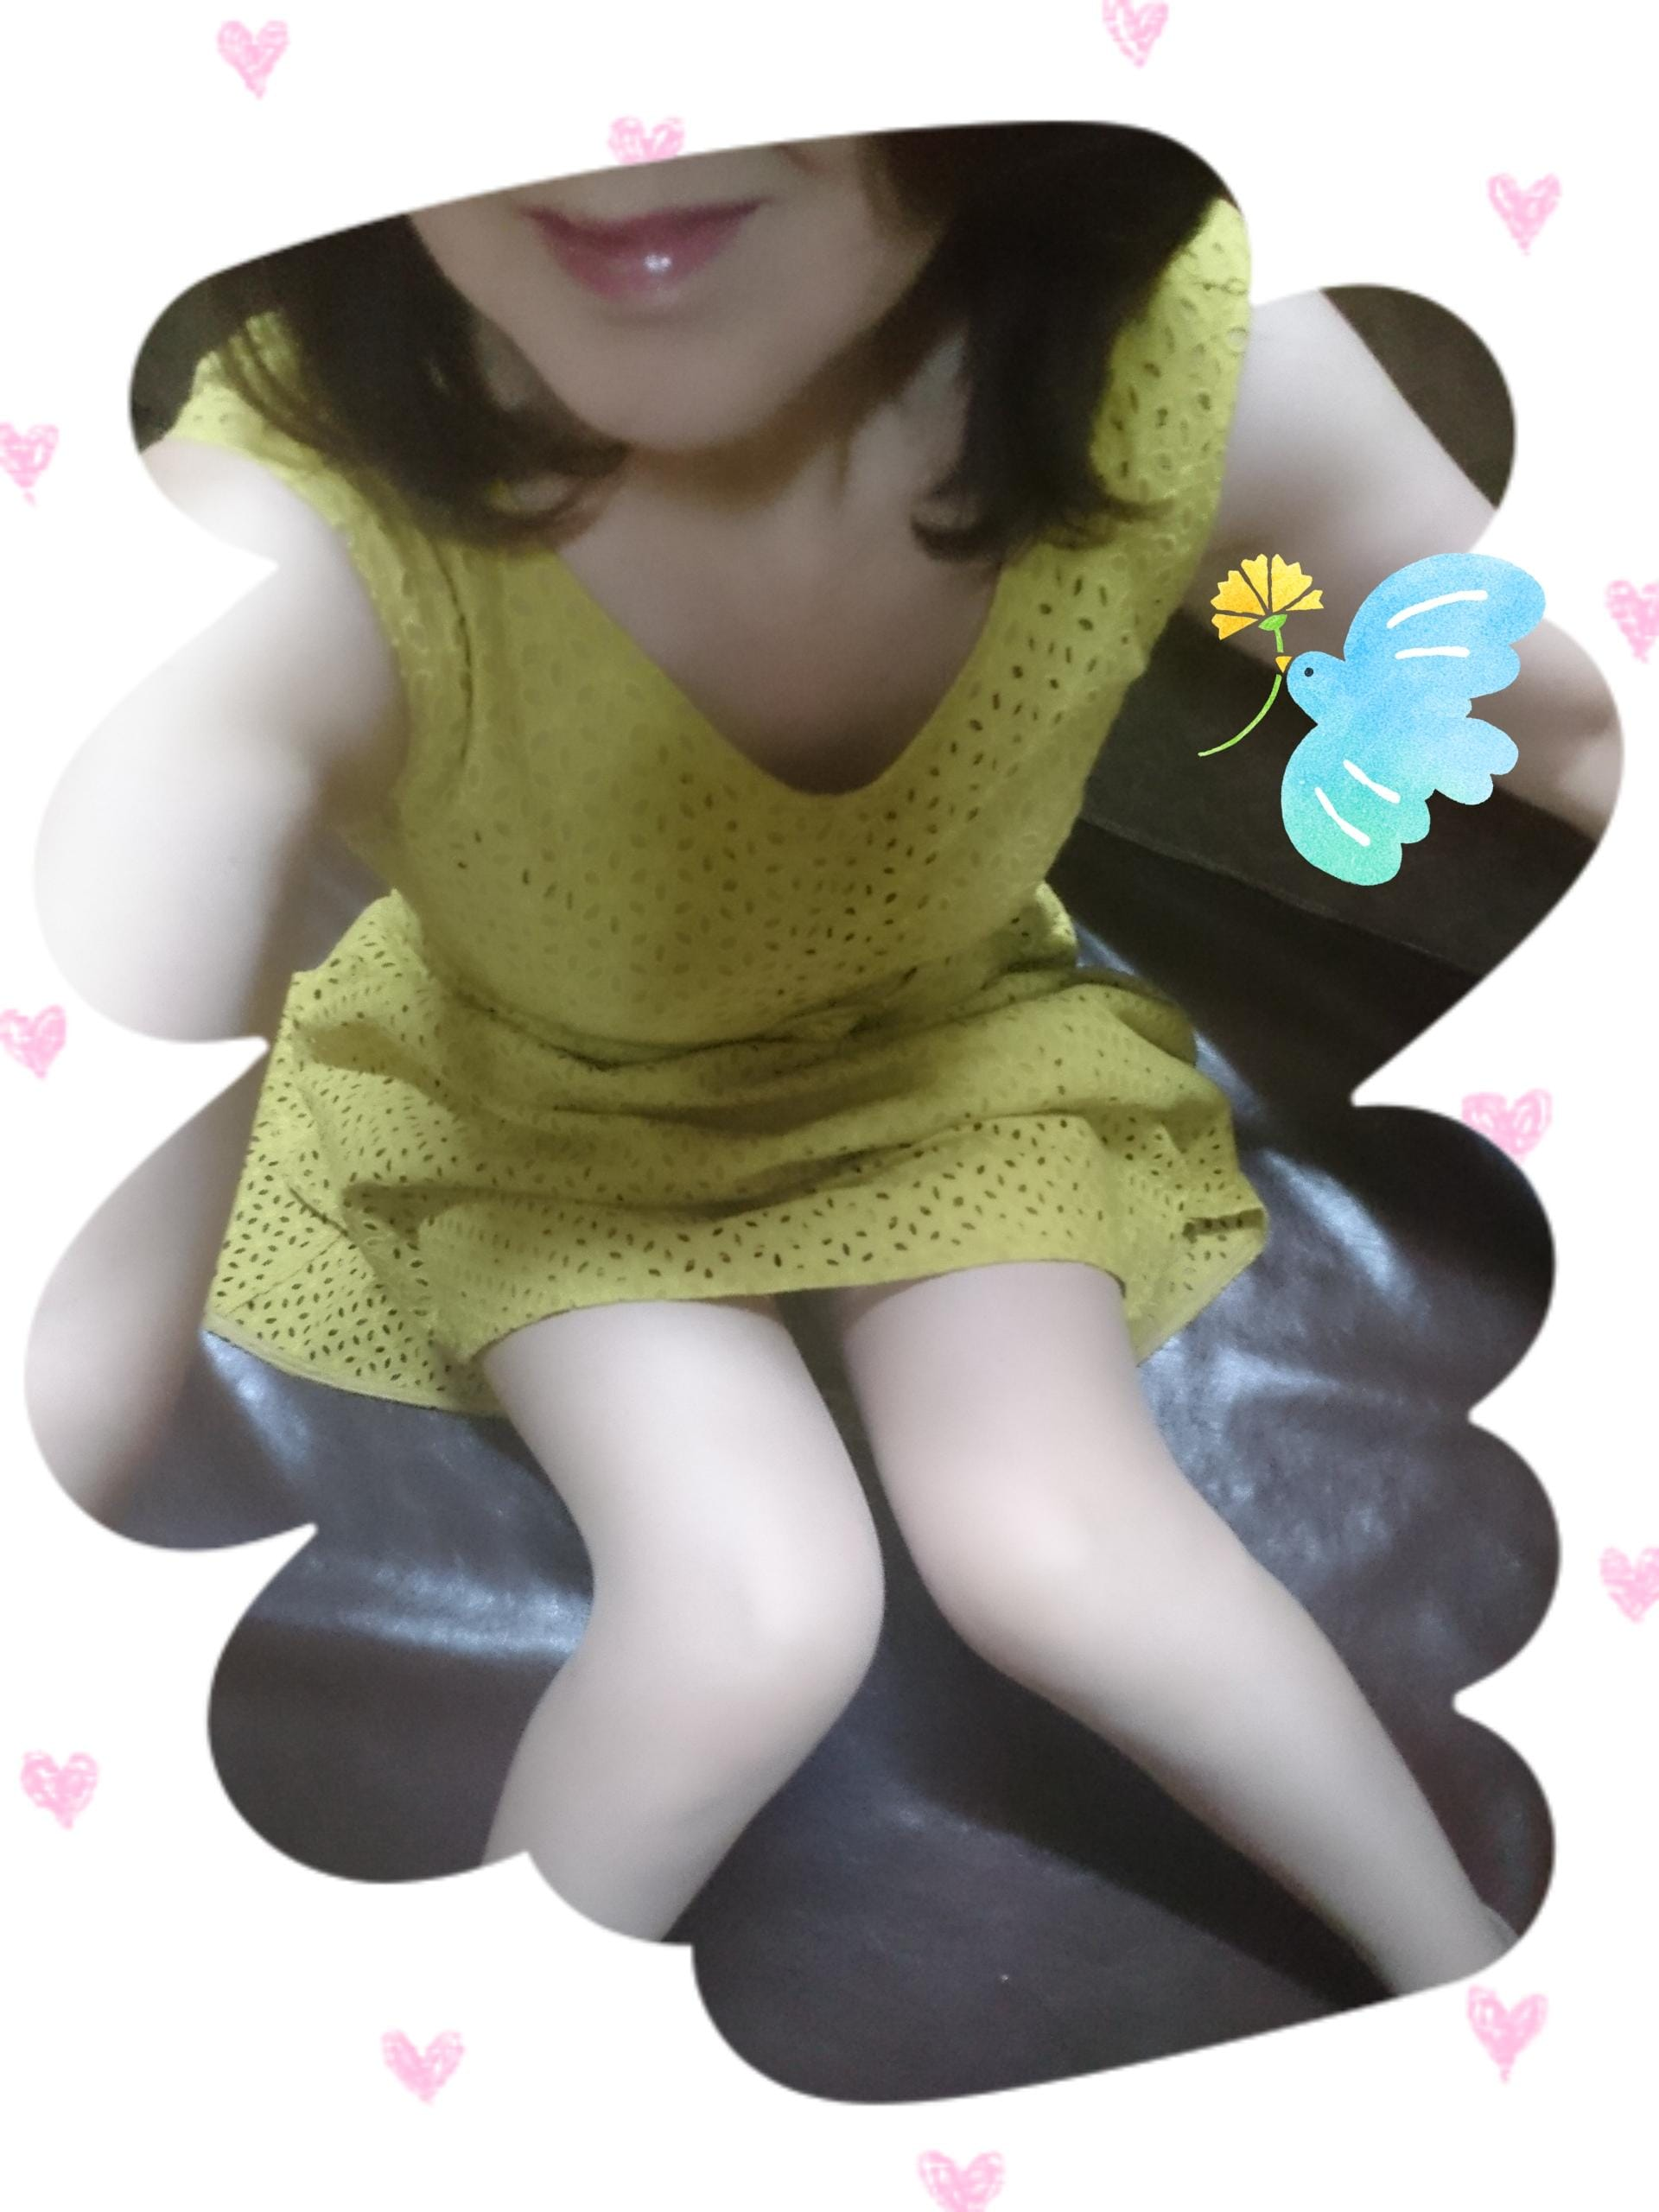 「おはようございます(*^^*)」09/18(09/18) 07:58 | みさきの写メ・風俗動画